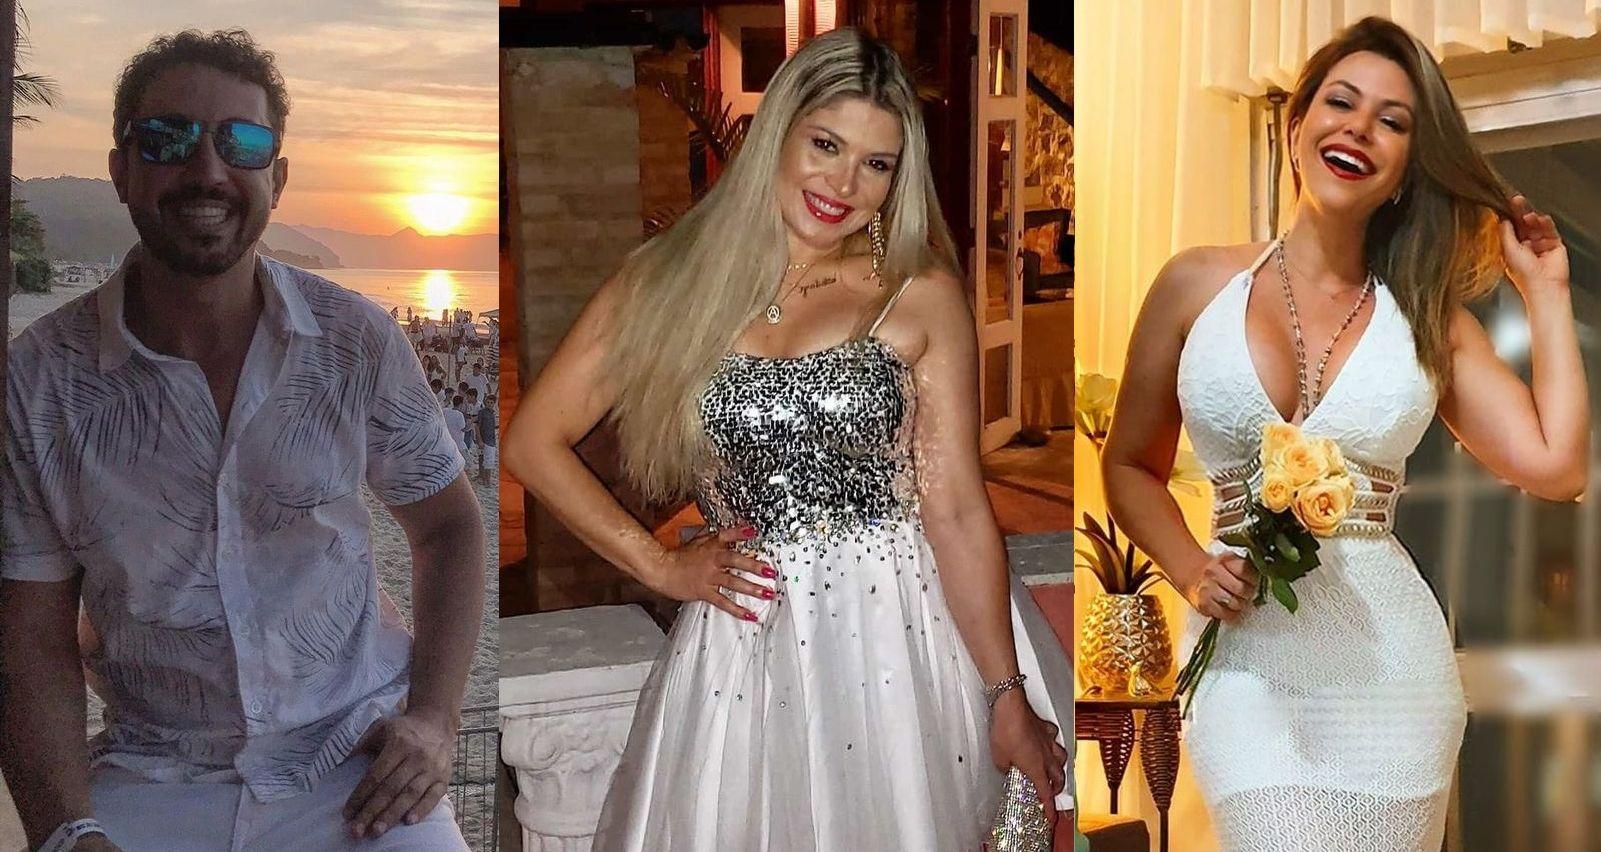 Saiba onde famosos passaram a virada do ano em São Paulo